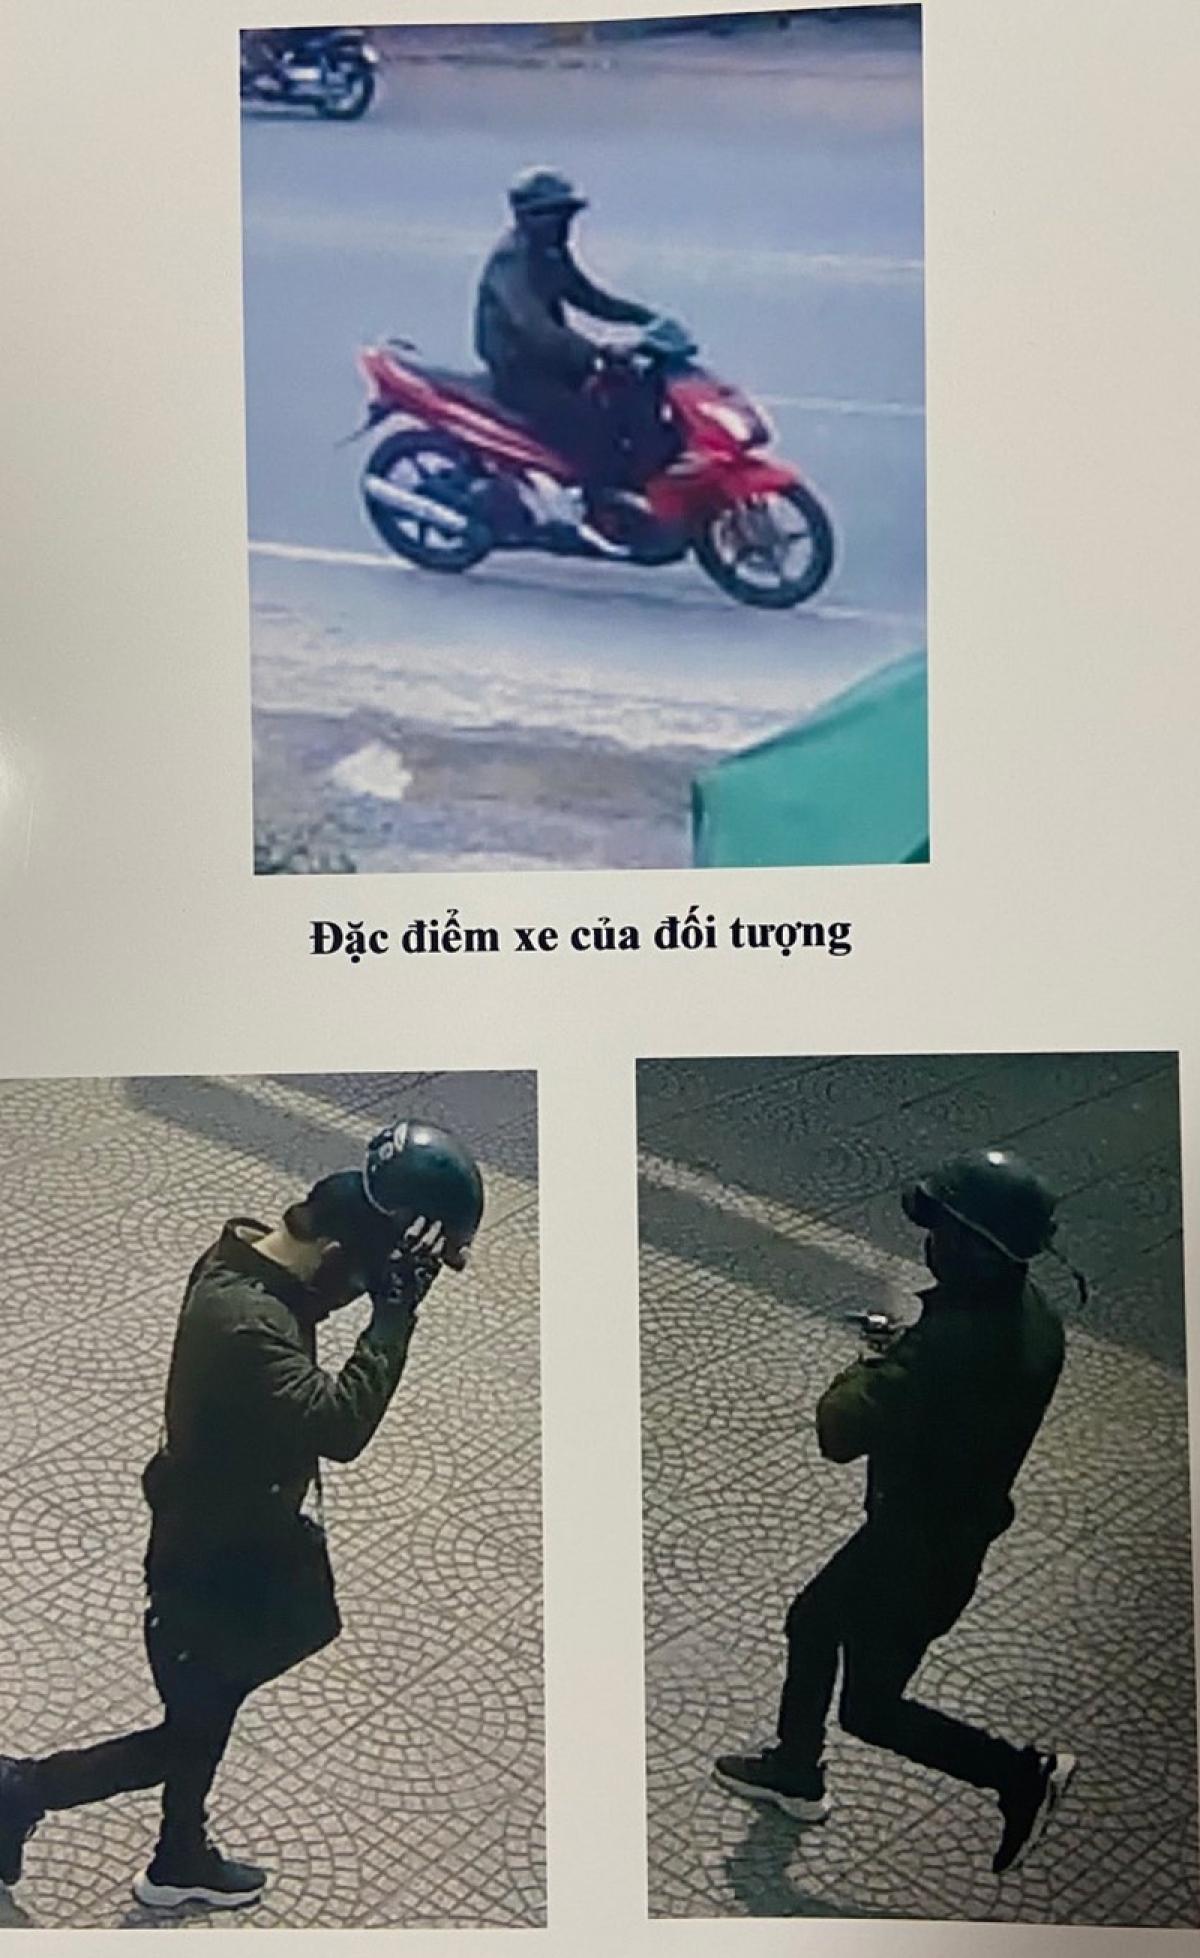 Hình ảnh về đối tượng cướp ngân hàng